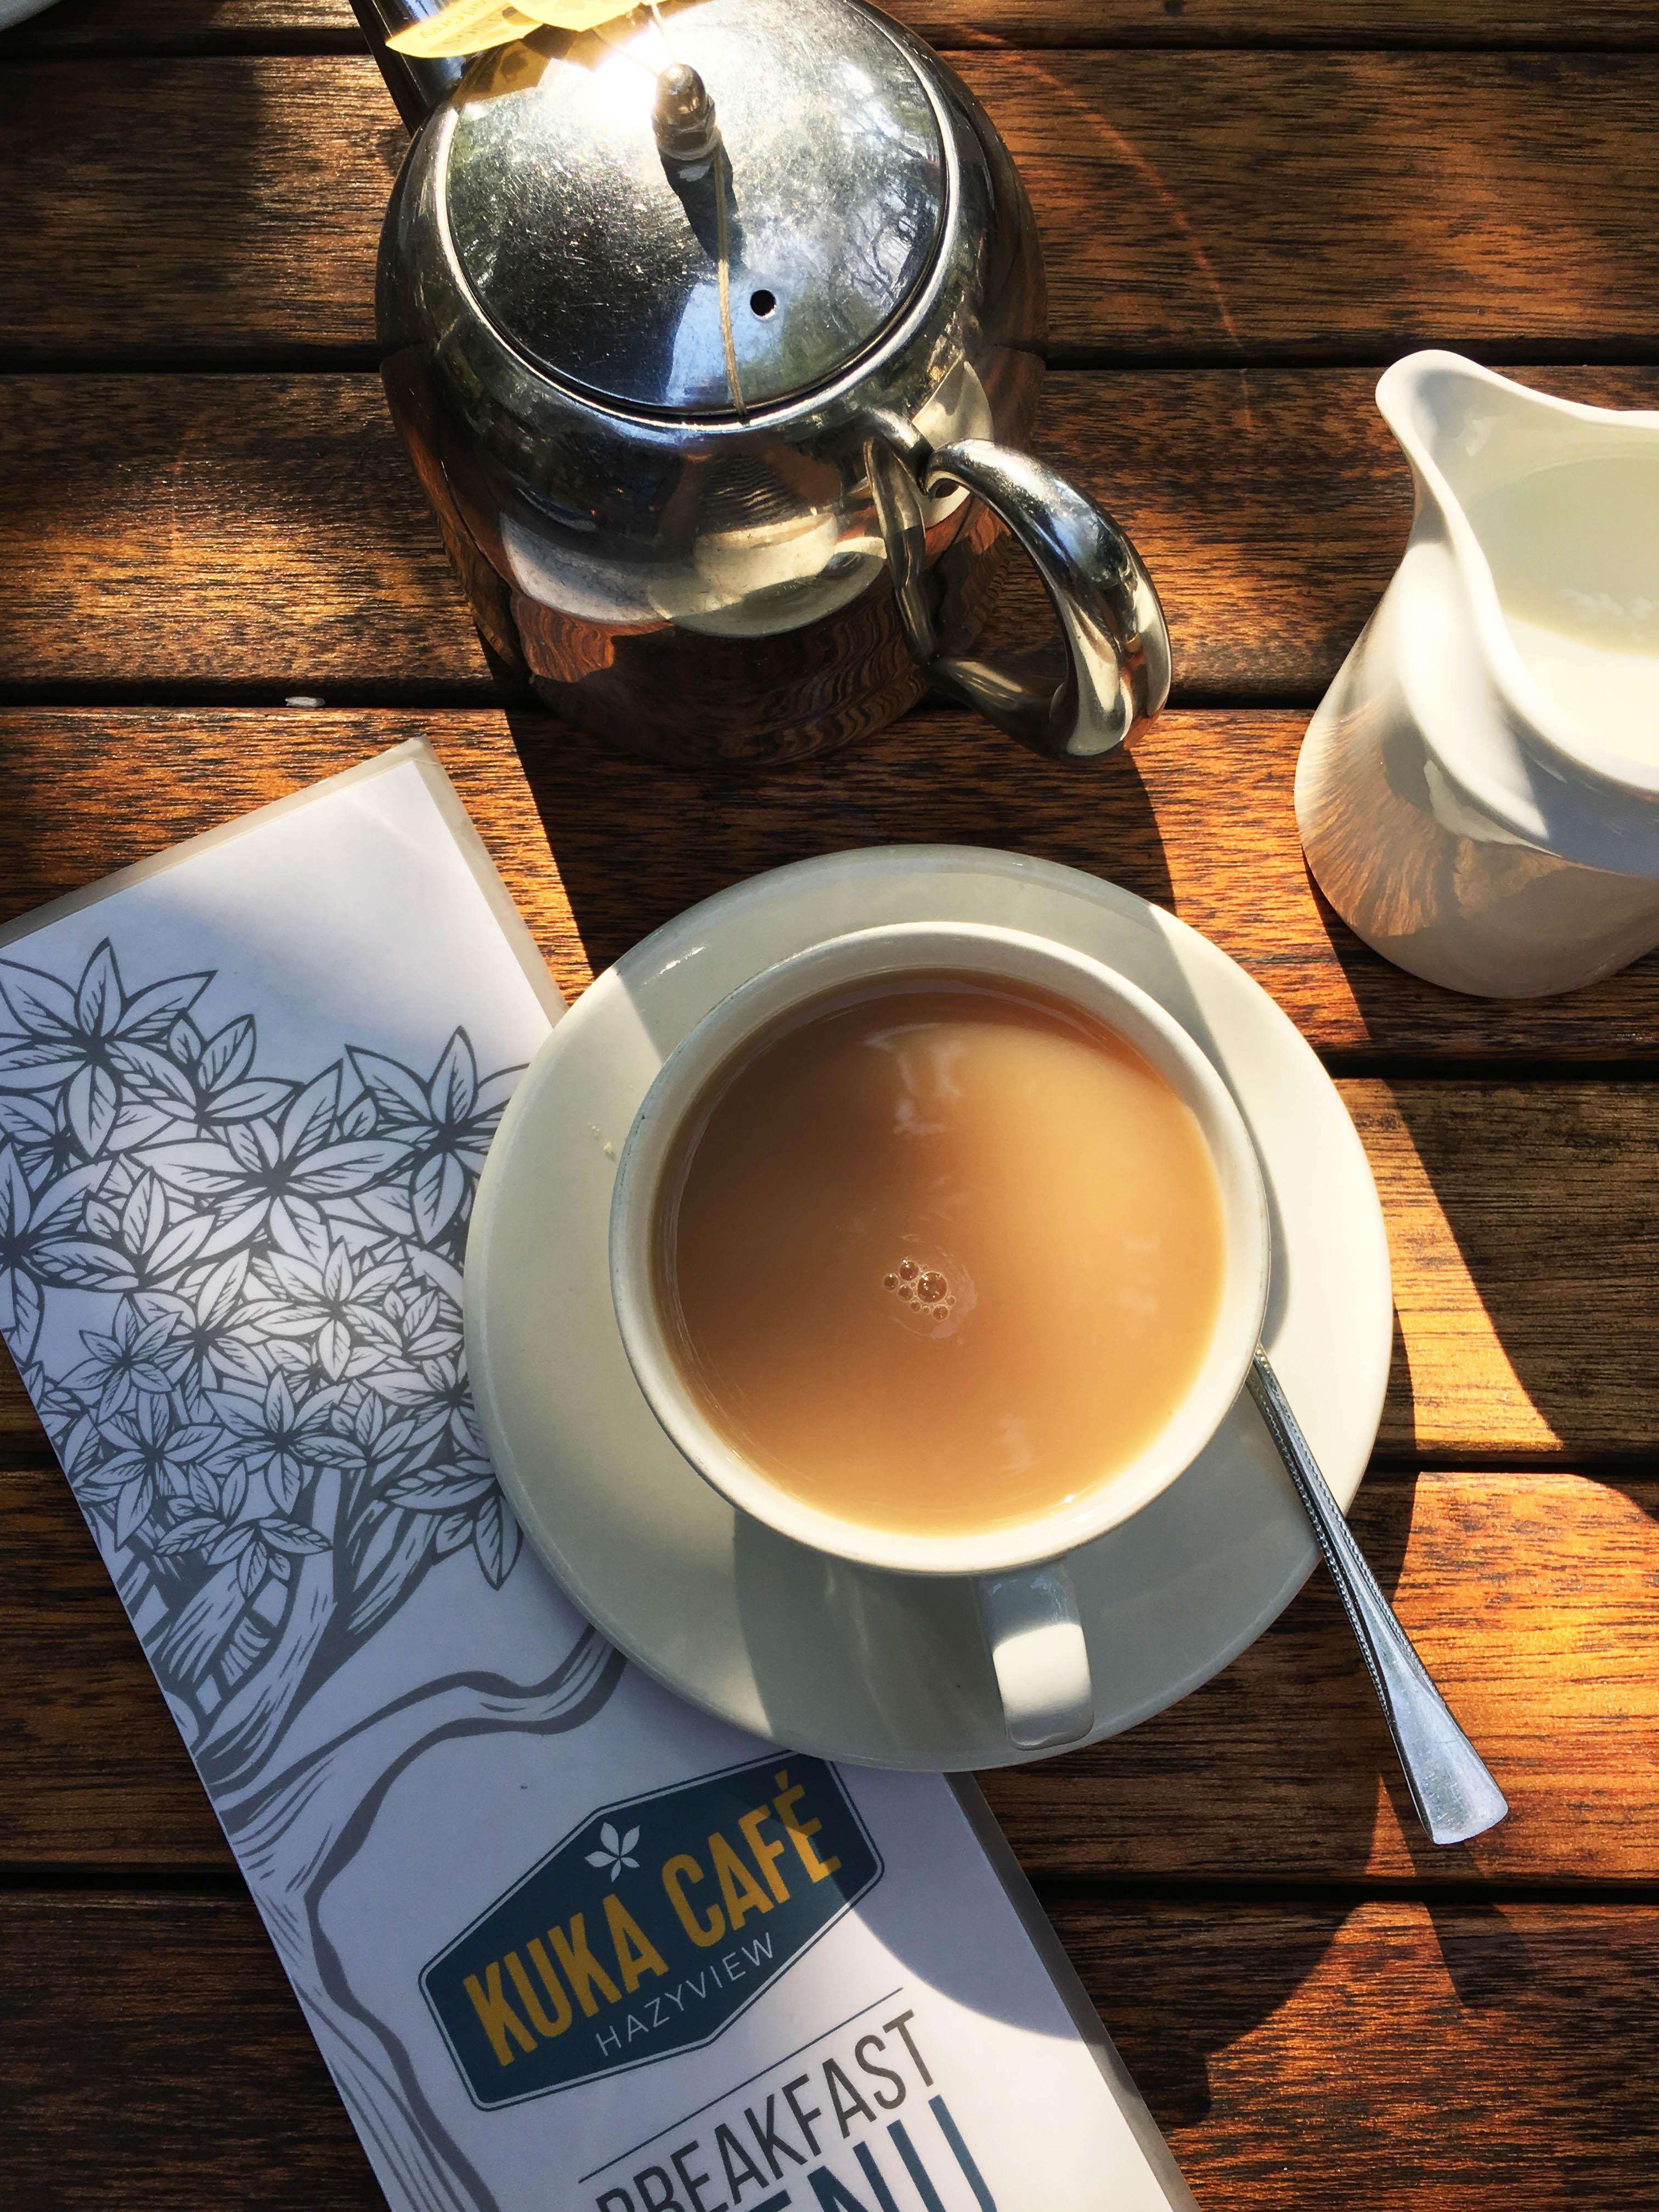 The Social Needia Reviews Kuka Cafe Perrys Bridge Hazyview